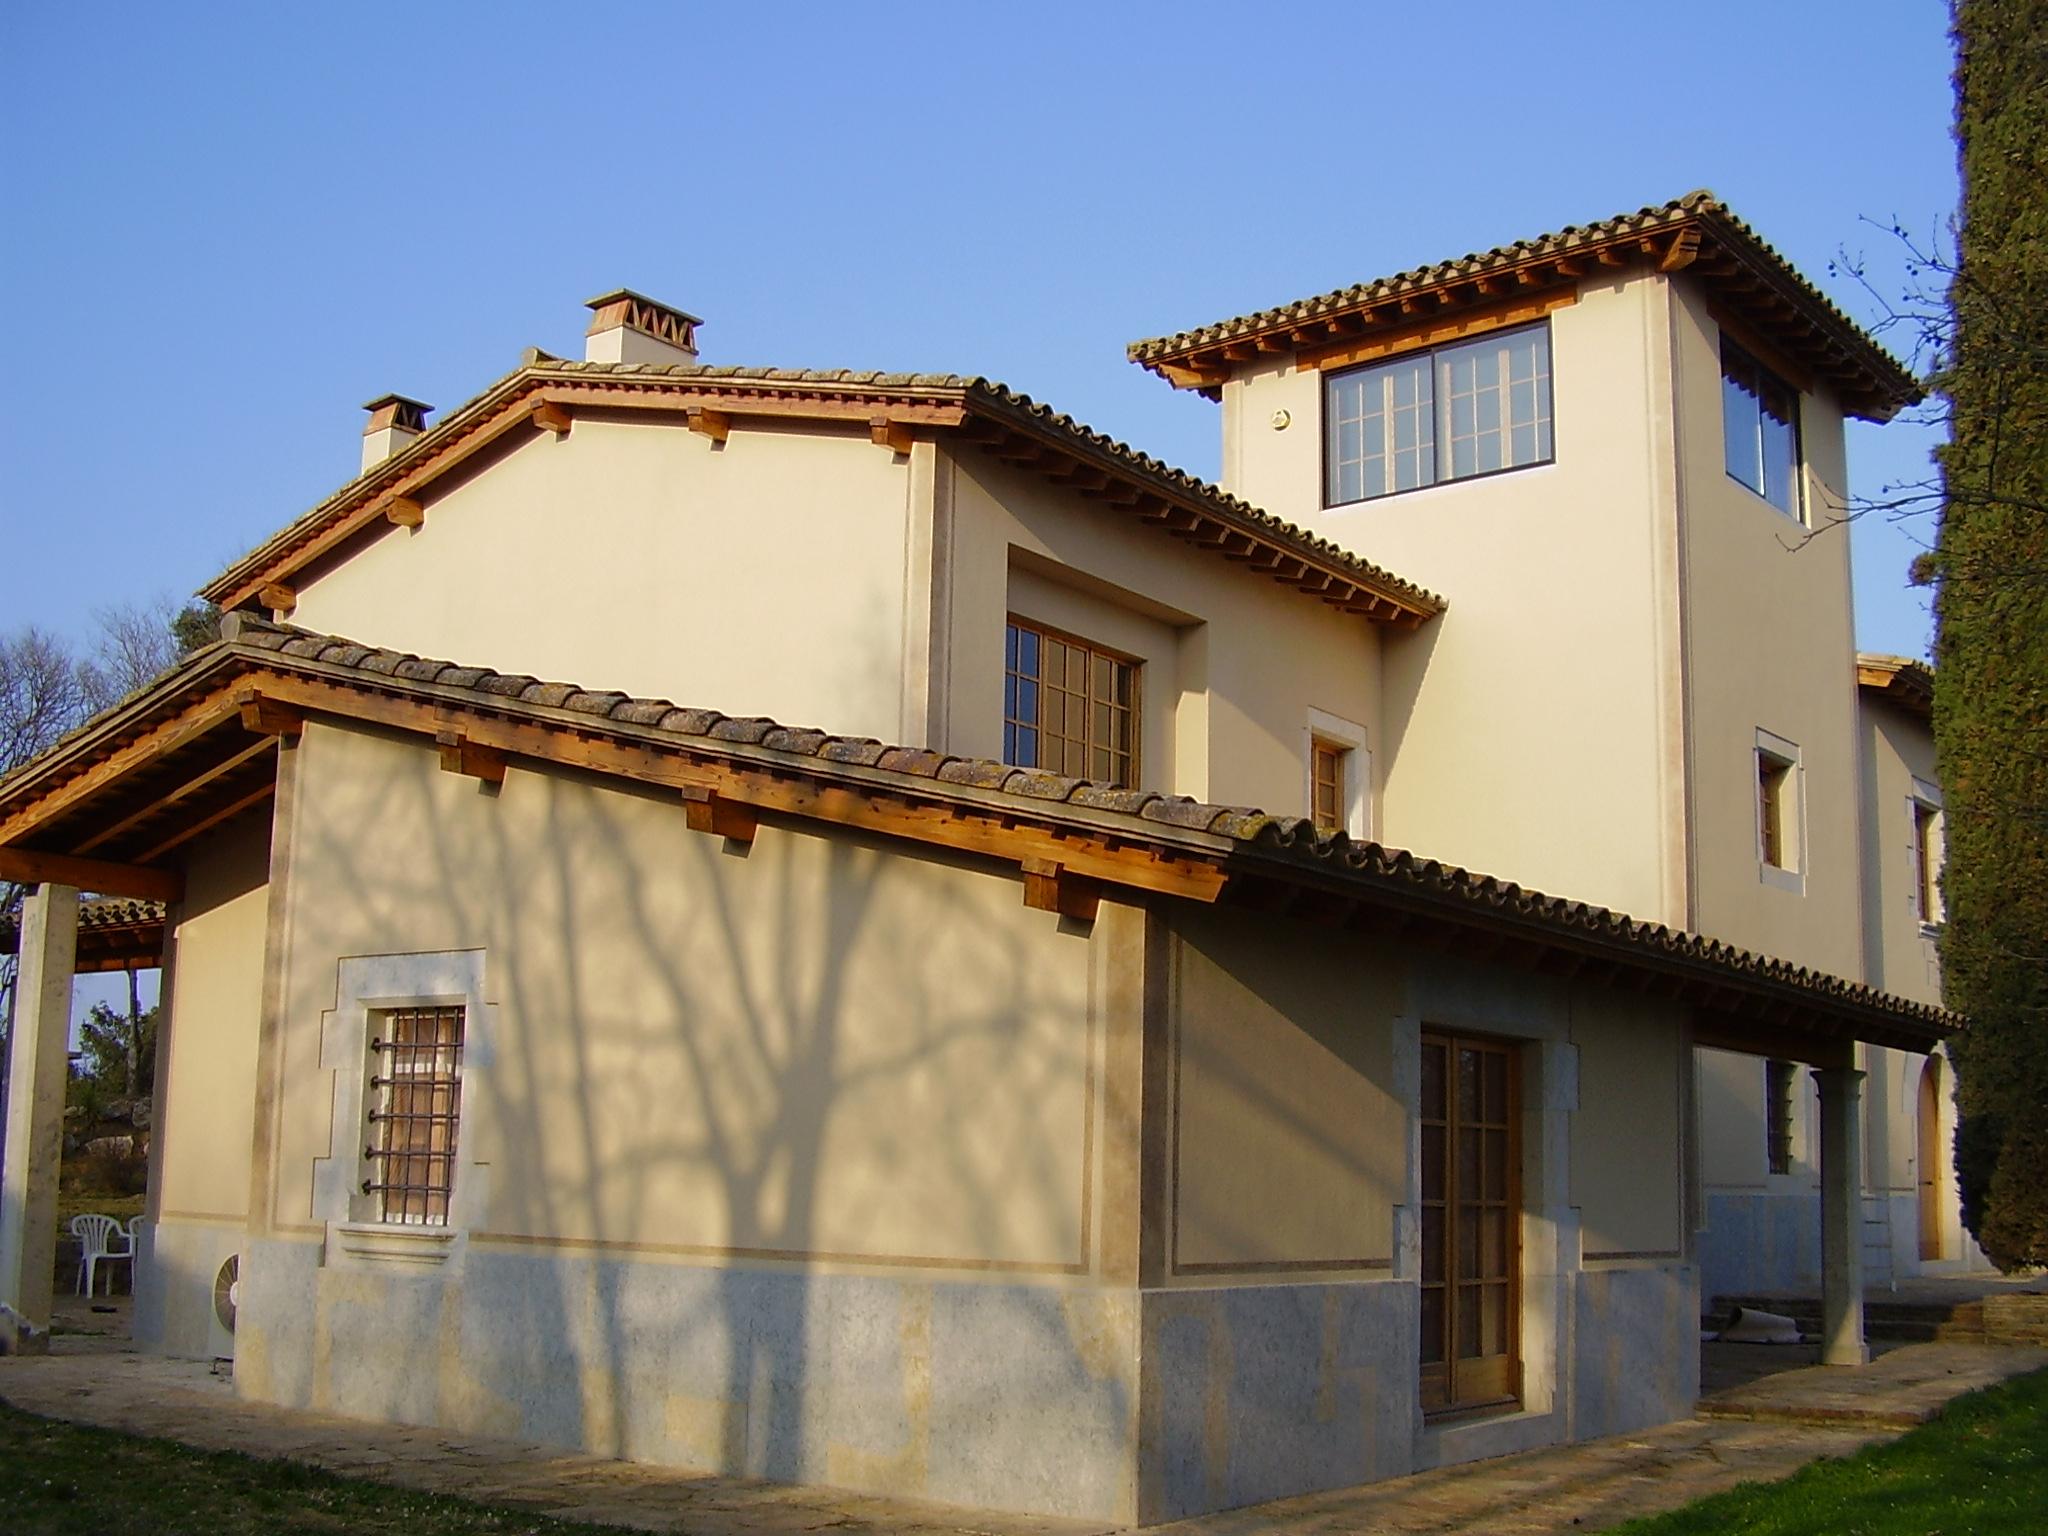 Rehabilitador y restaurador de fachadas con mucha experienca en Girona